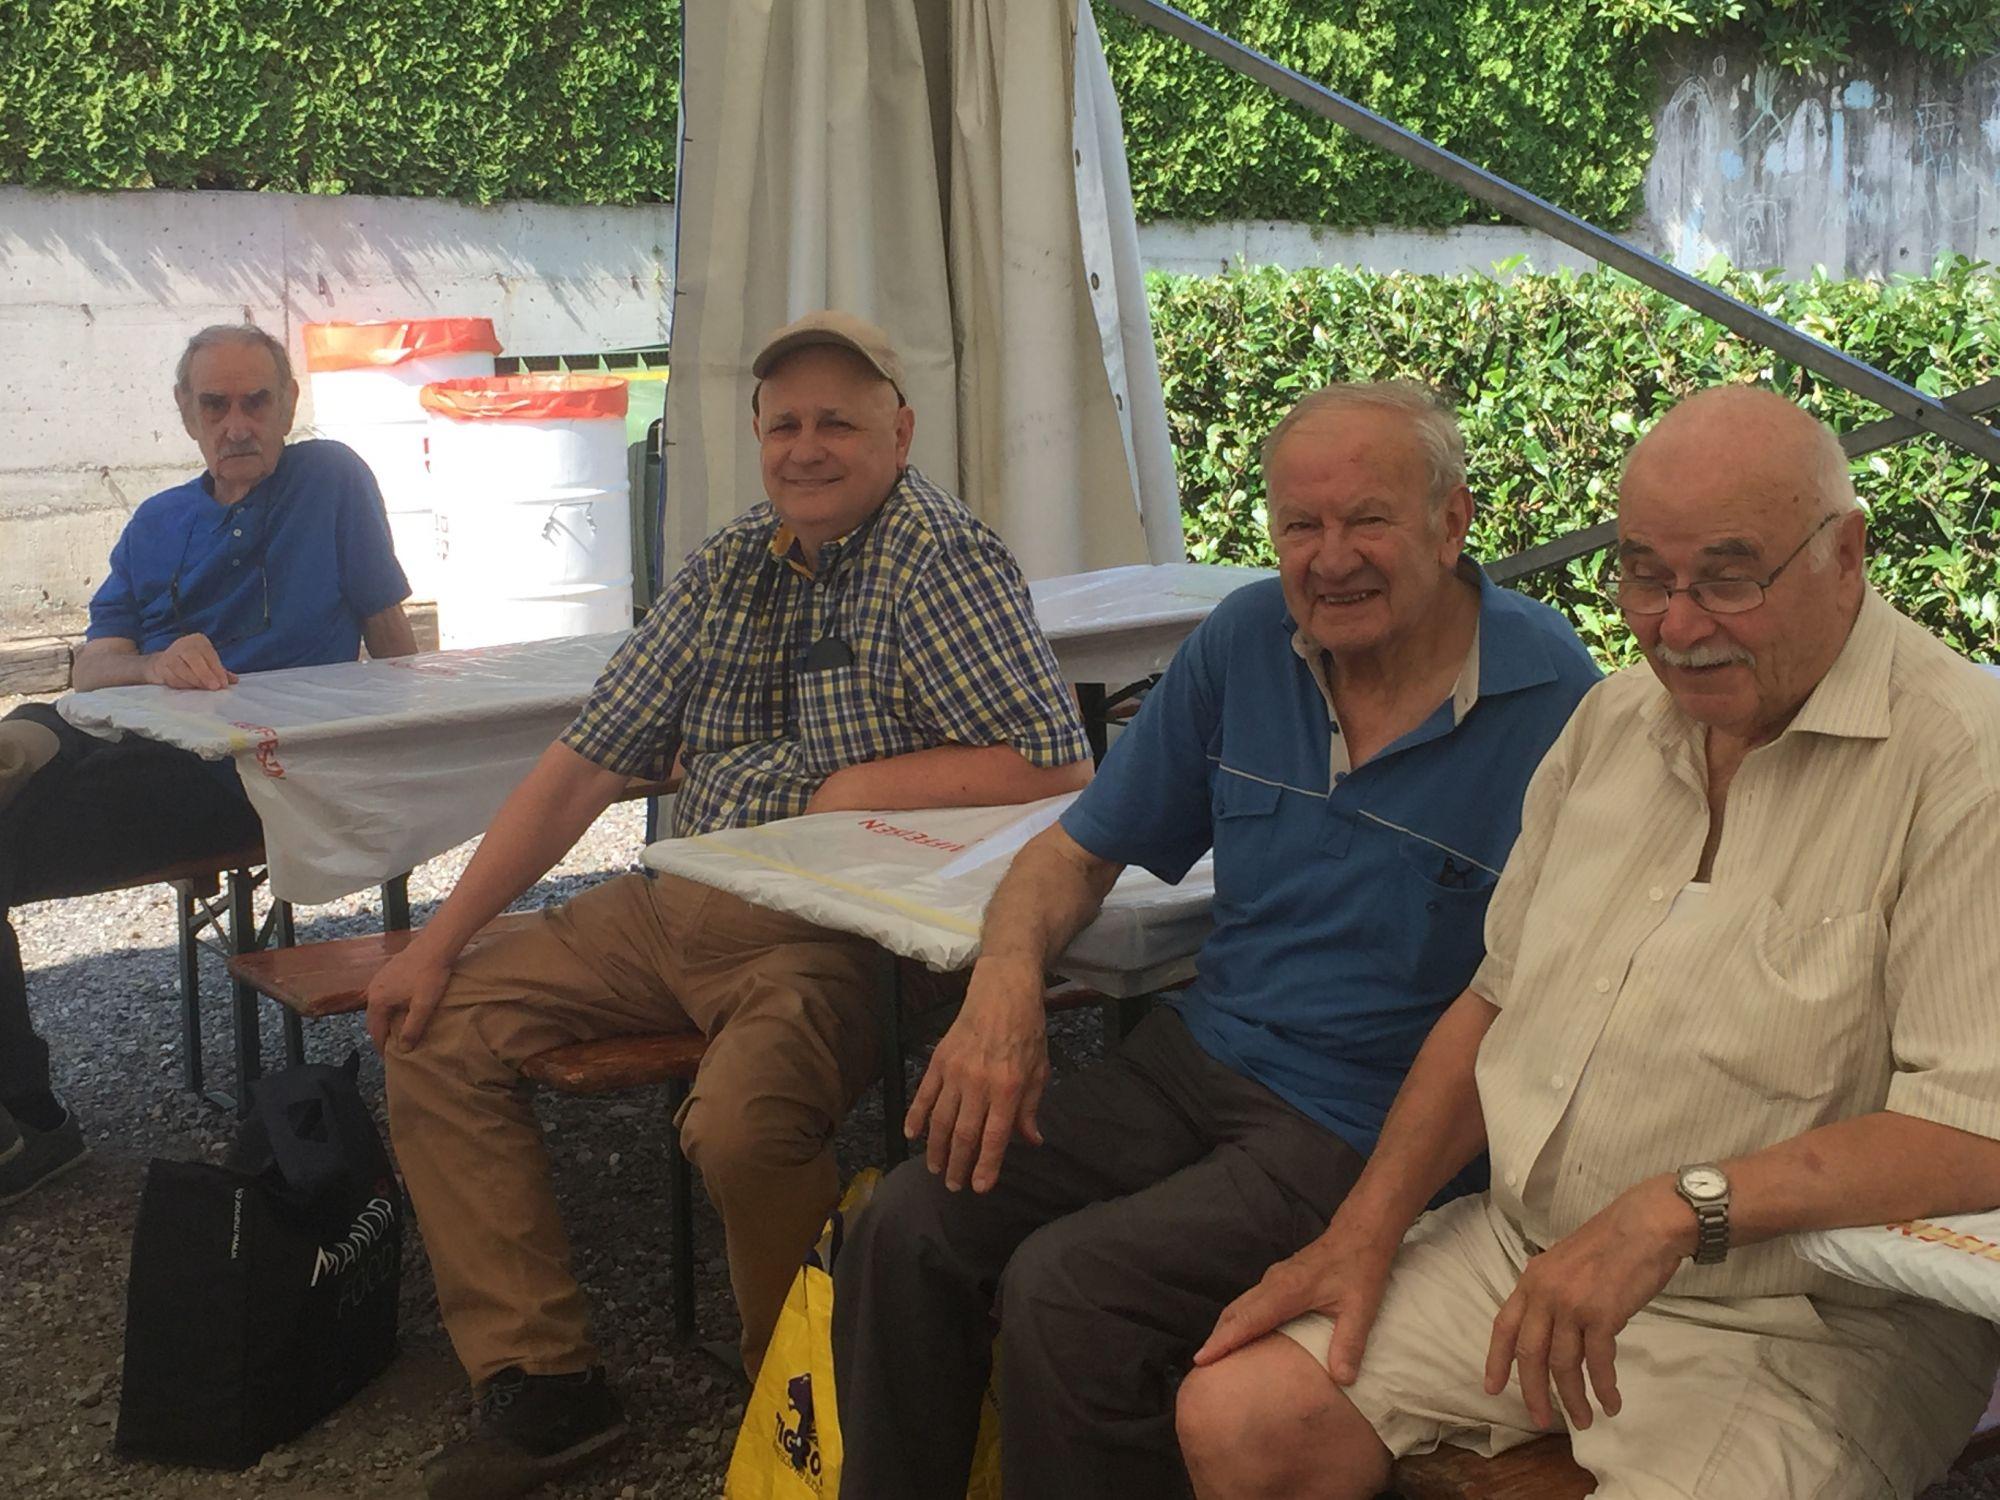 12.09.2015 - Giuria Artisti in Erba a Breganzona. Da sinistra: Emilio Rissone, Adriano Crivelli, Luciano Gatti e Rudi Walter